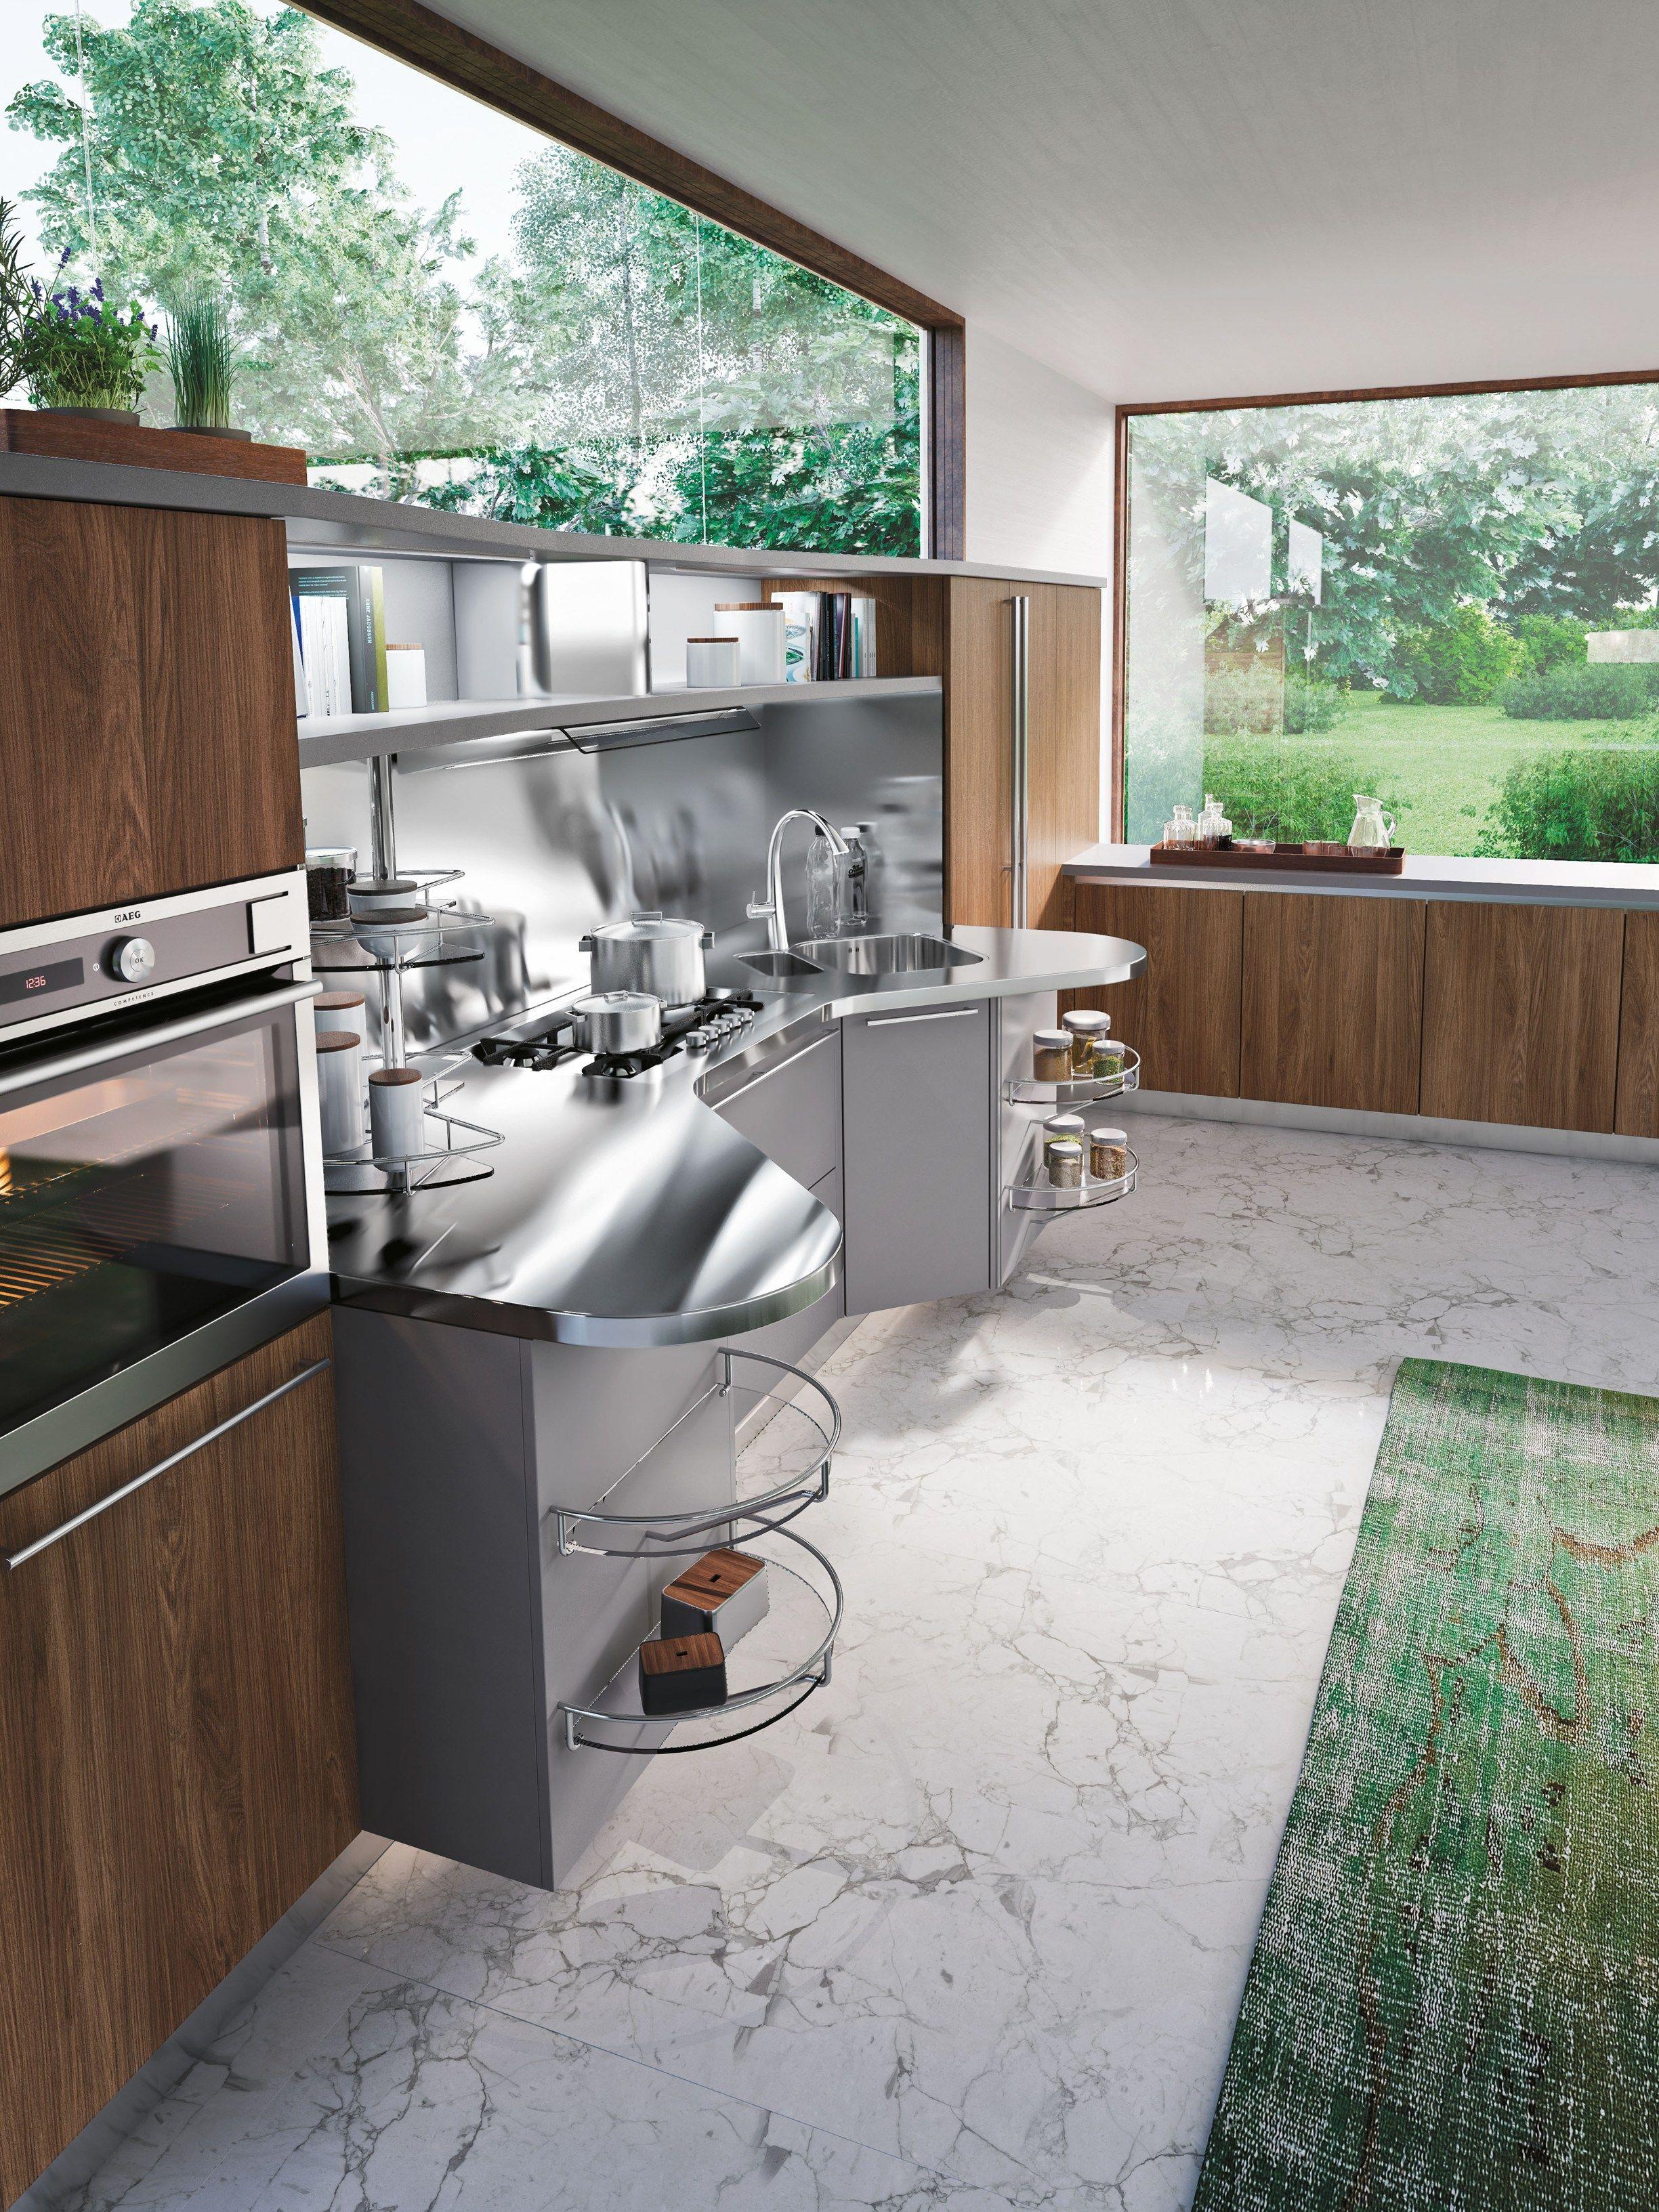 Skyline 2 0 cucina con isola by snaidero design lucci orlandini - Mobili snaidero majano ...